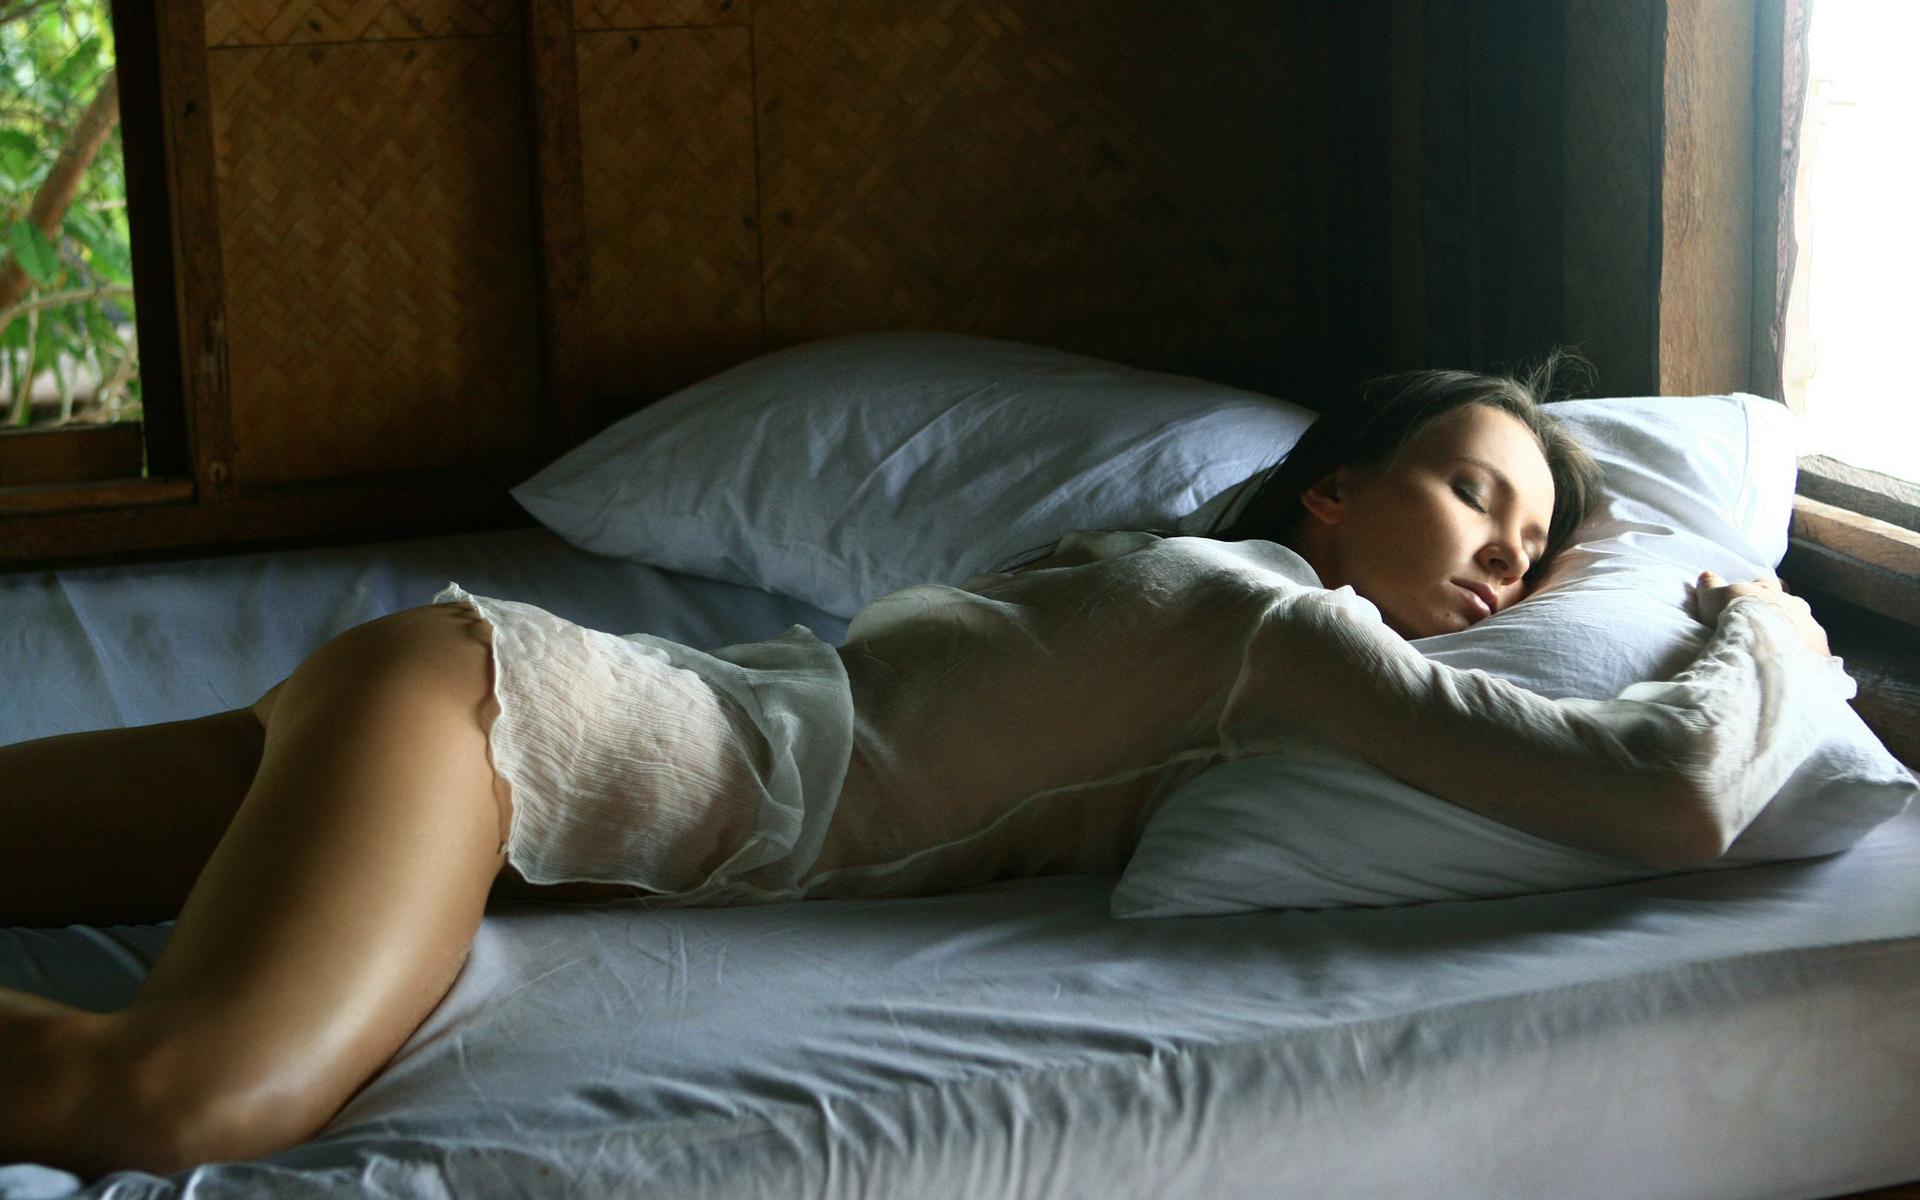 девушка, миленькая, небесное создание, тело, бельё, поза, спит, постель, ок